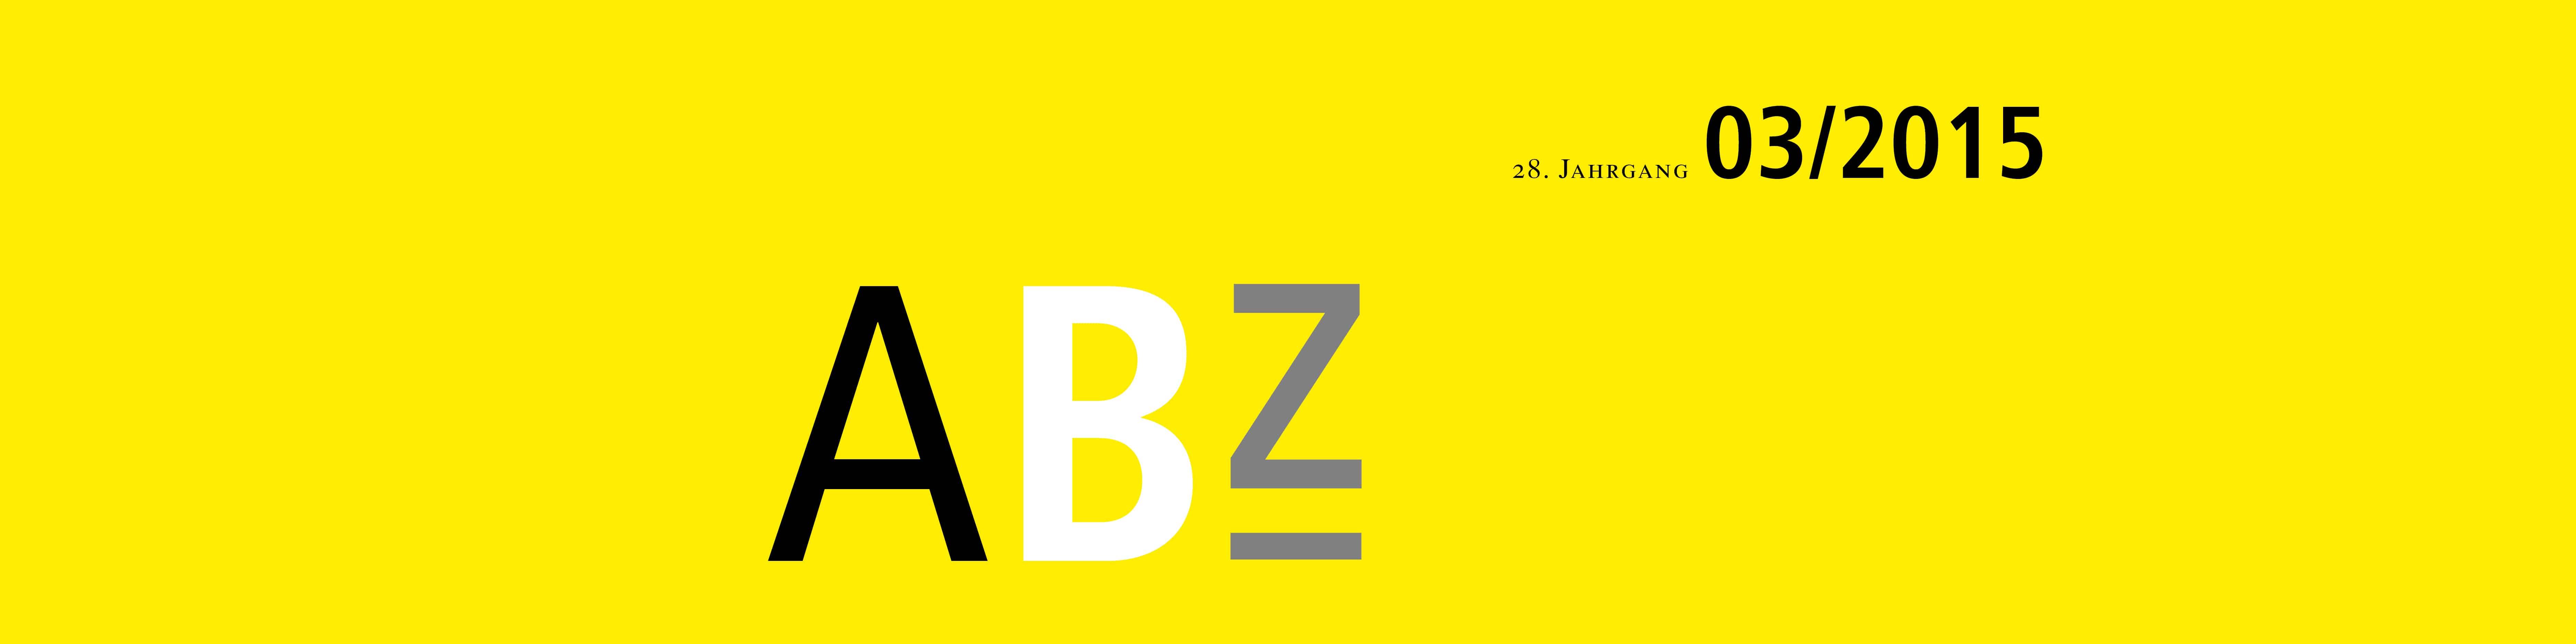 ABZ TANNER Zeitschrift Header 03/2015